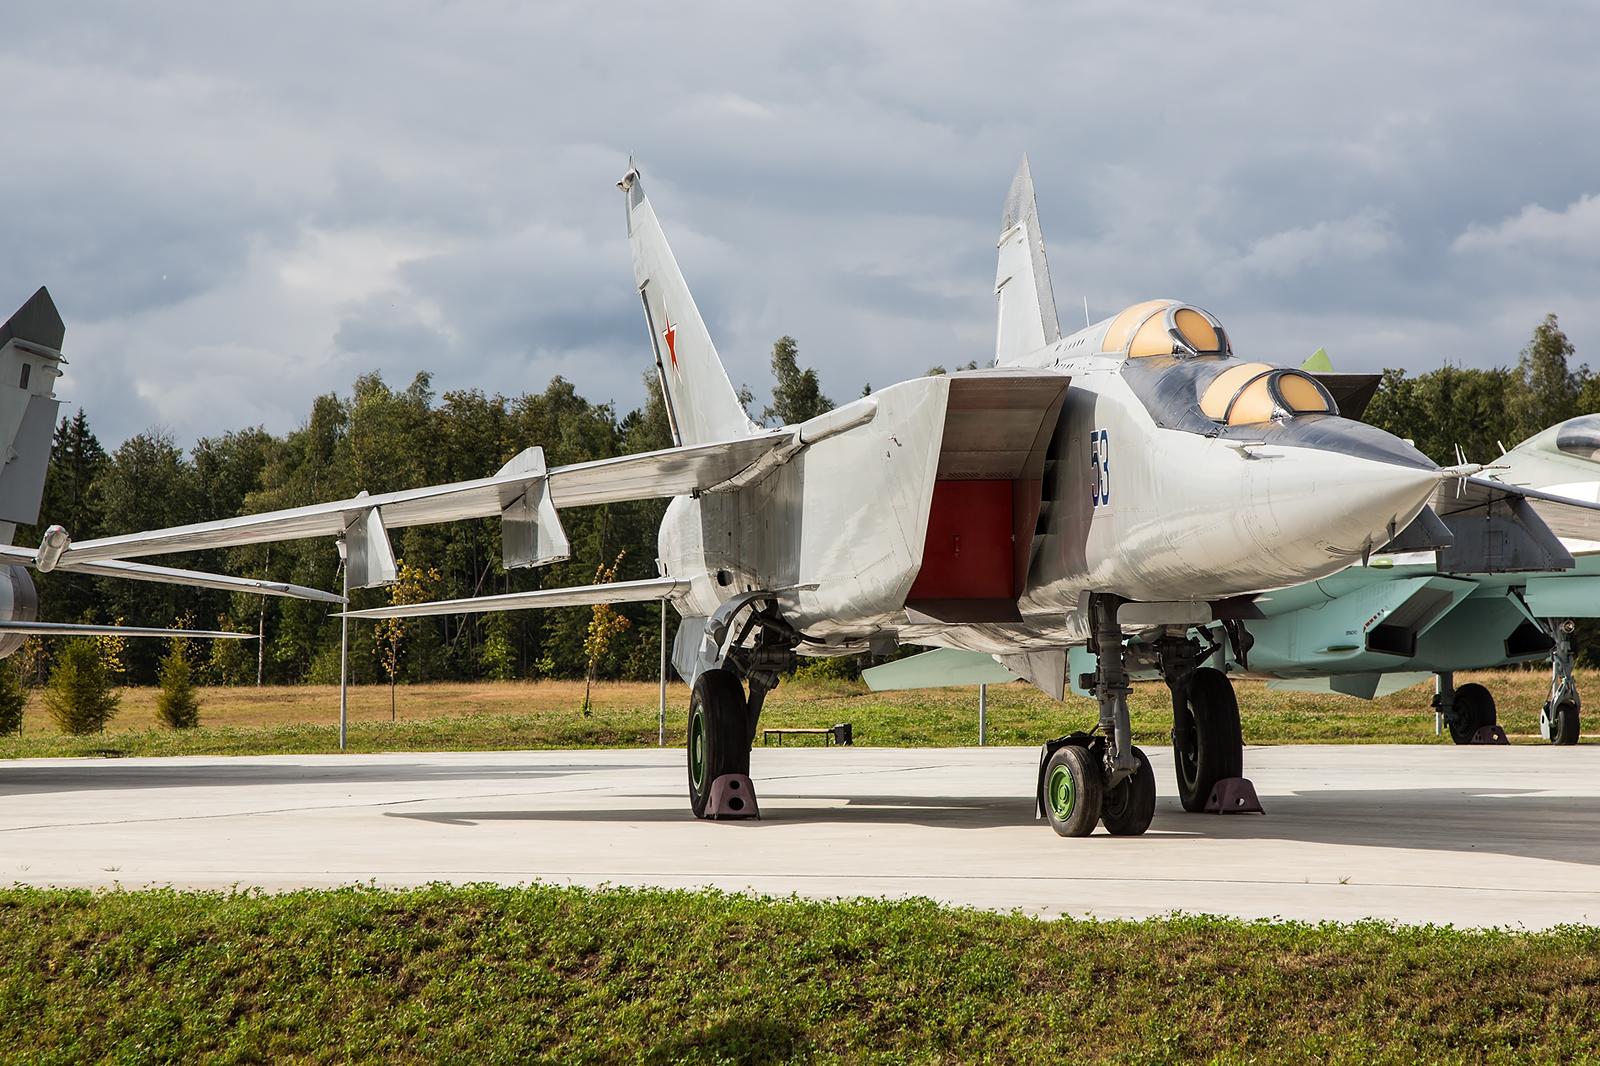 Auch von der MiG-25 gab es Doppelsitzer für die Ausbildung. Die Einsatzvariante wurde allerdings nur von einem Piloten gesteuert.